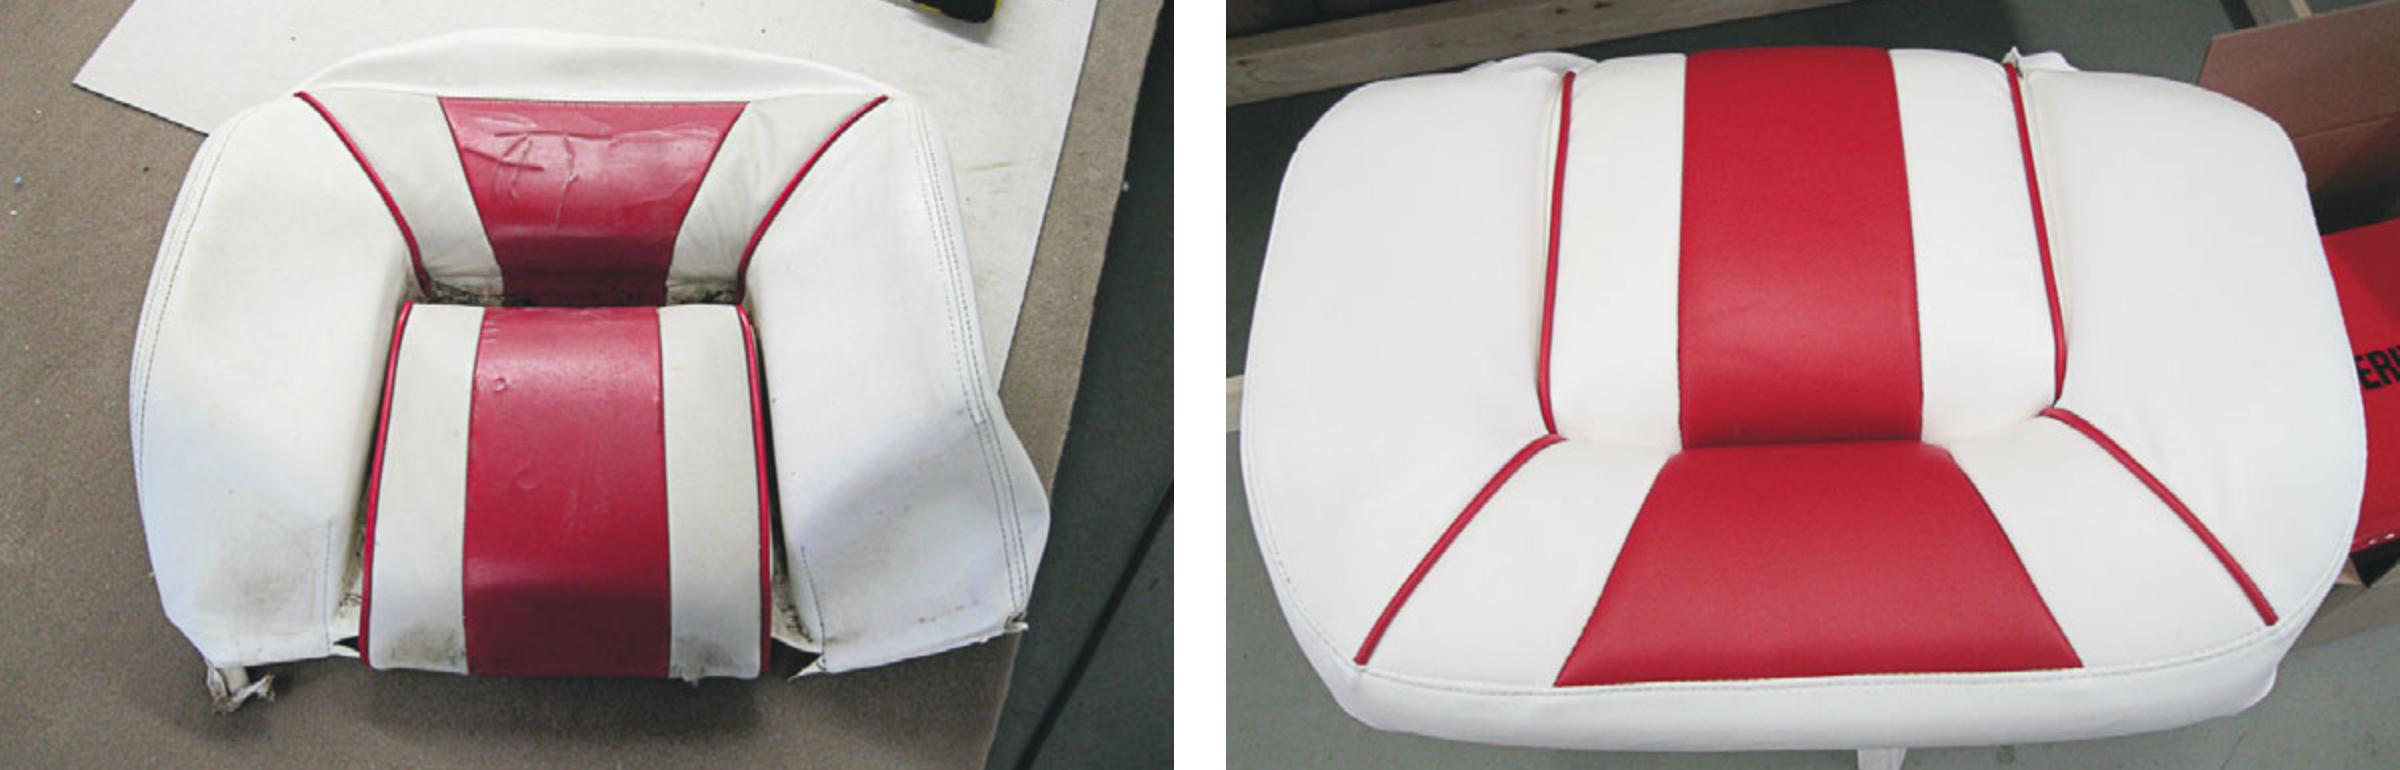 boat-upholstery-repair-example